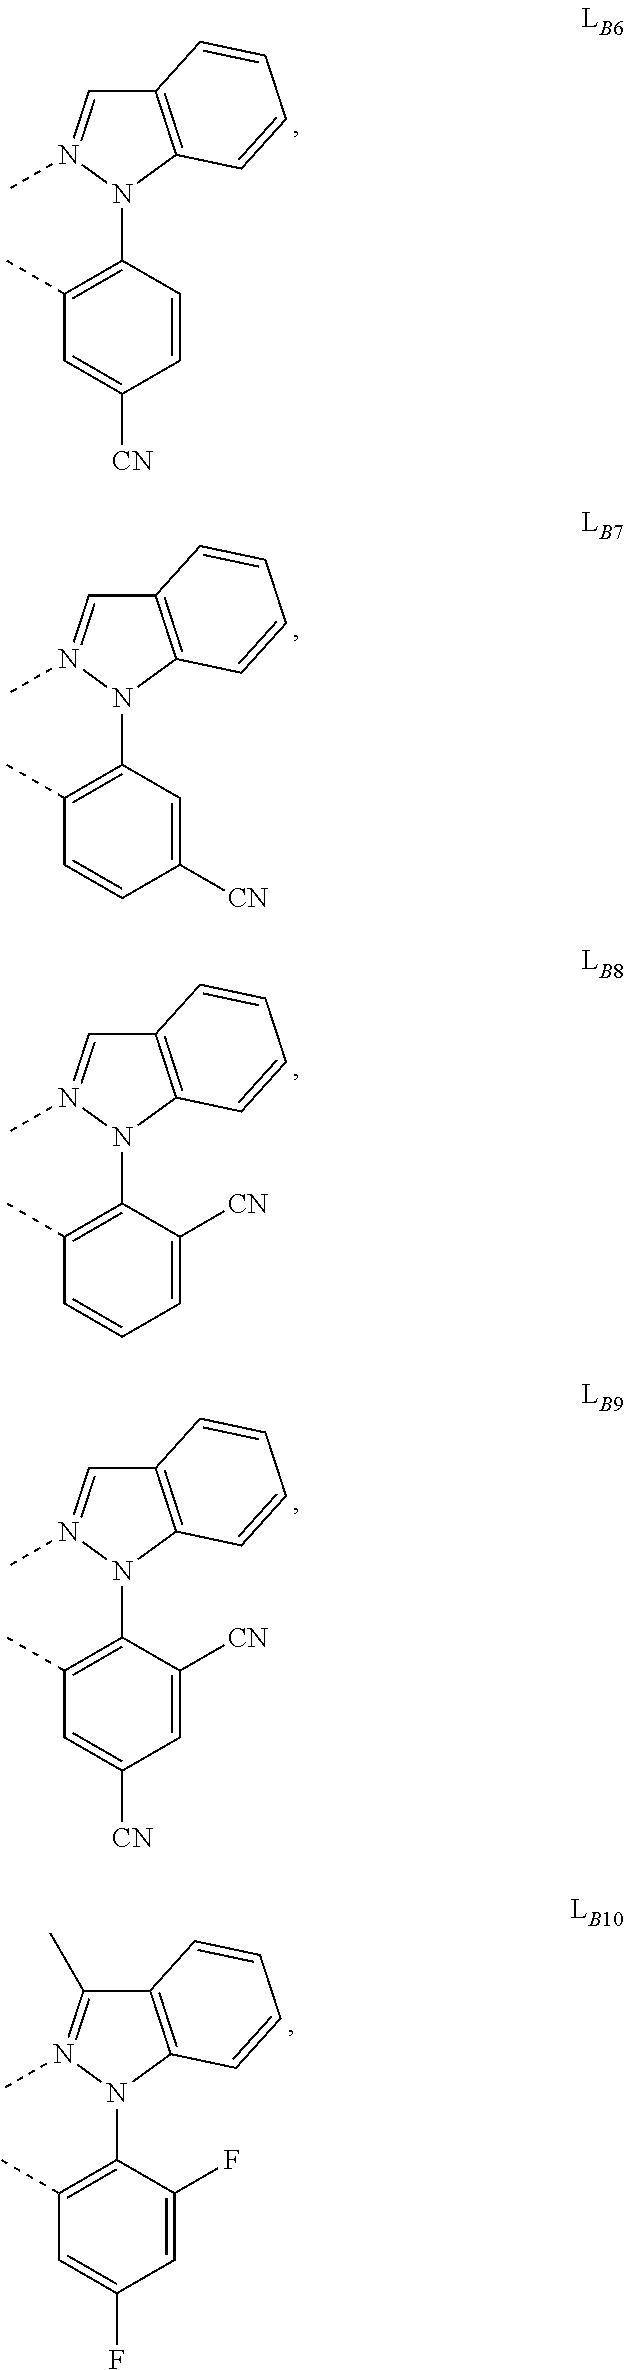 Figure US09905785-20180227-C00499